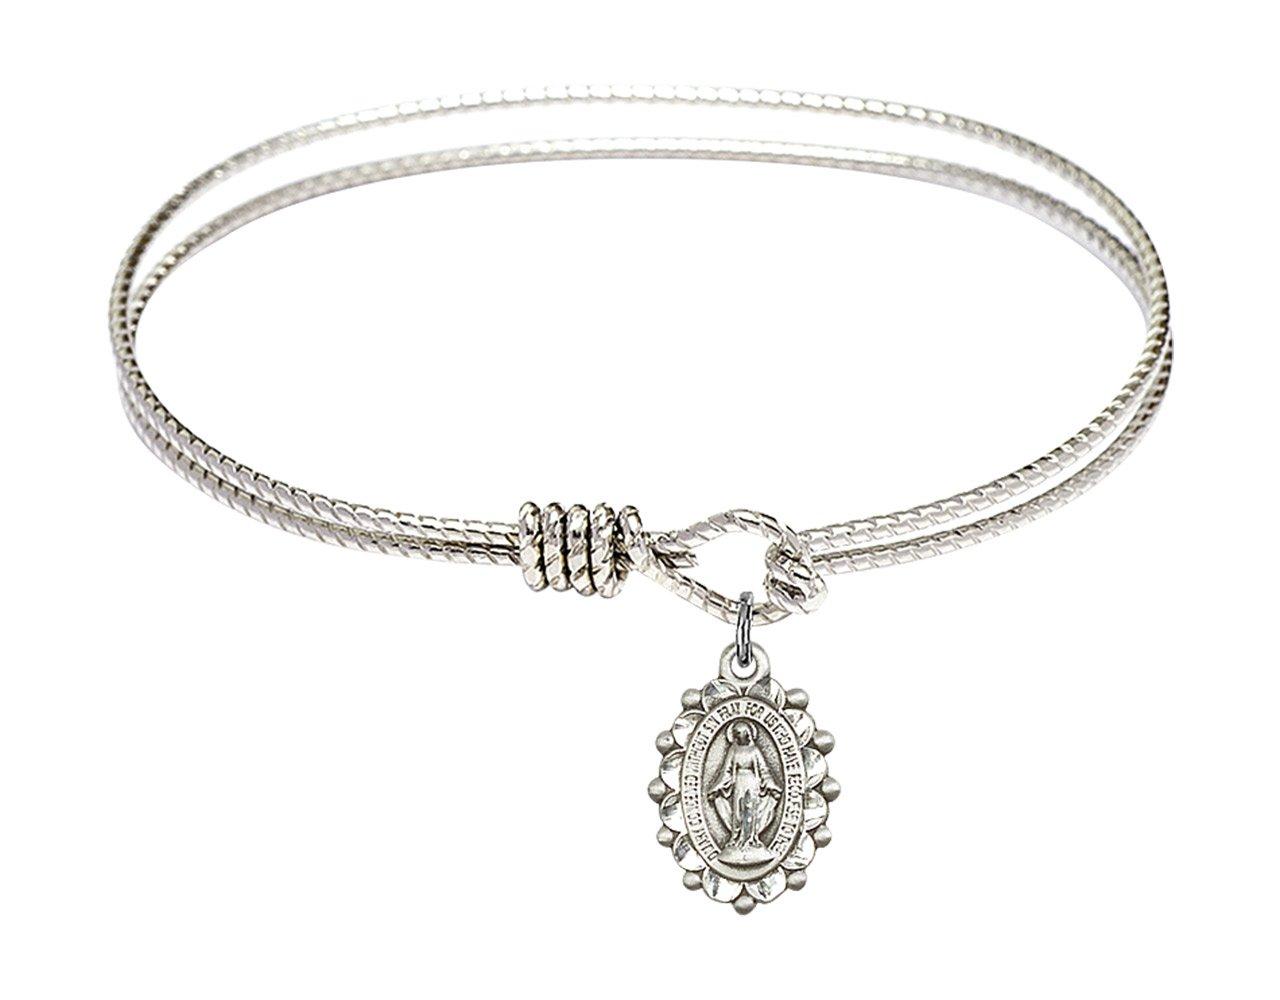 7 1/4 inch Oval Eye Hook Bangle Bracelet w/Miraculous Medal in Sterling Silver